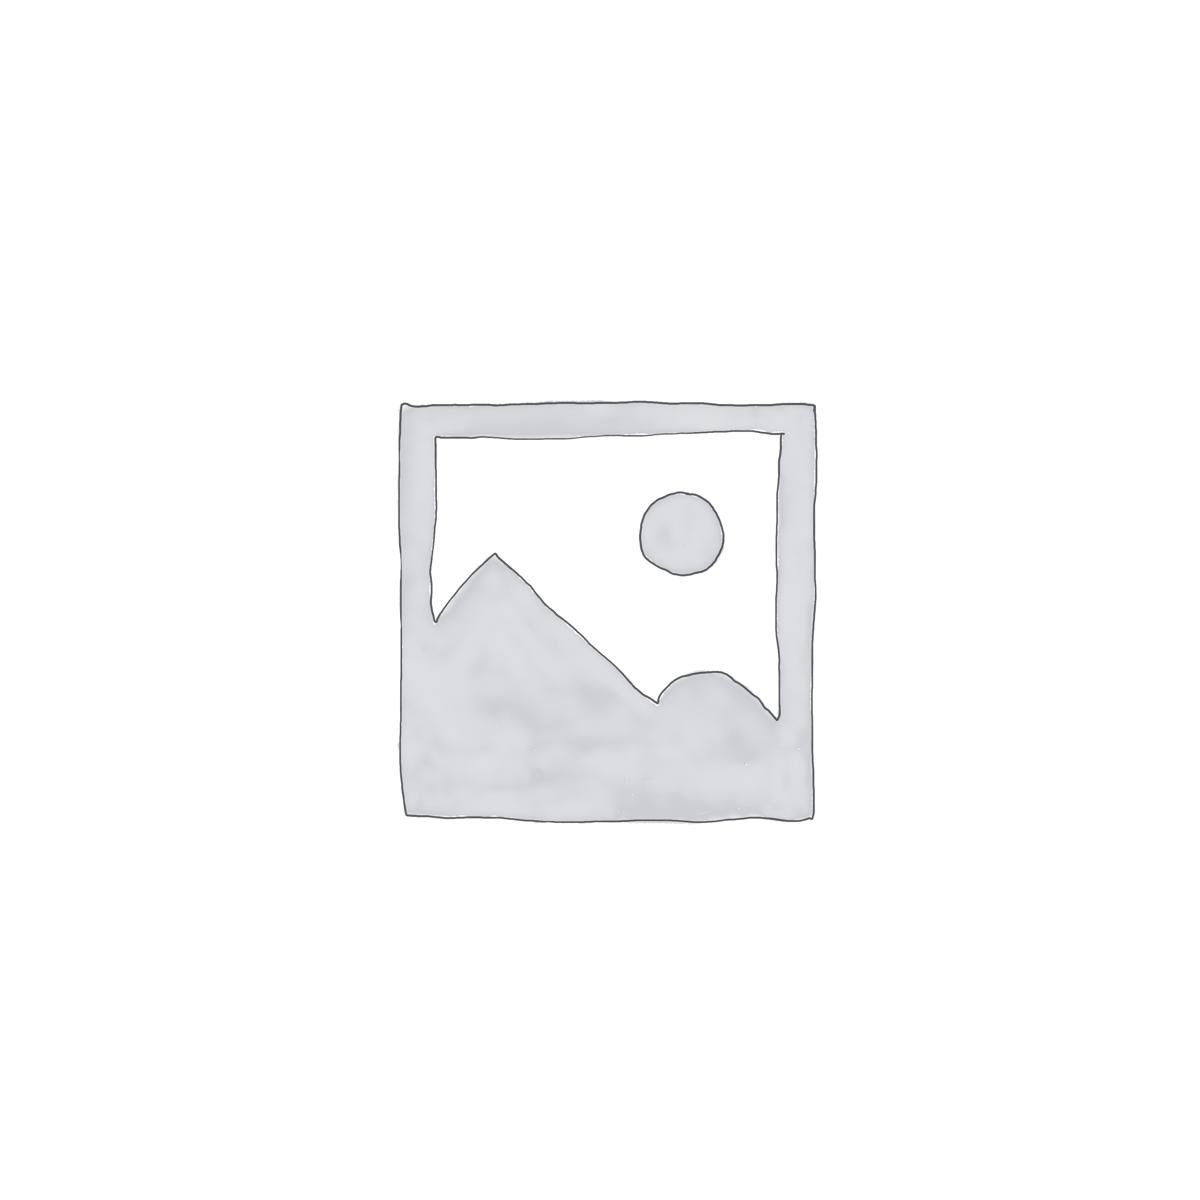 Floral Motifs Wallpaper Mural